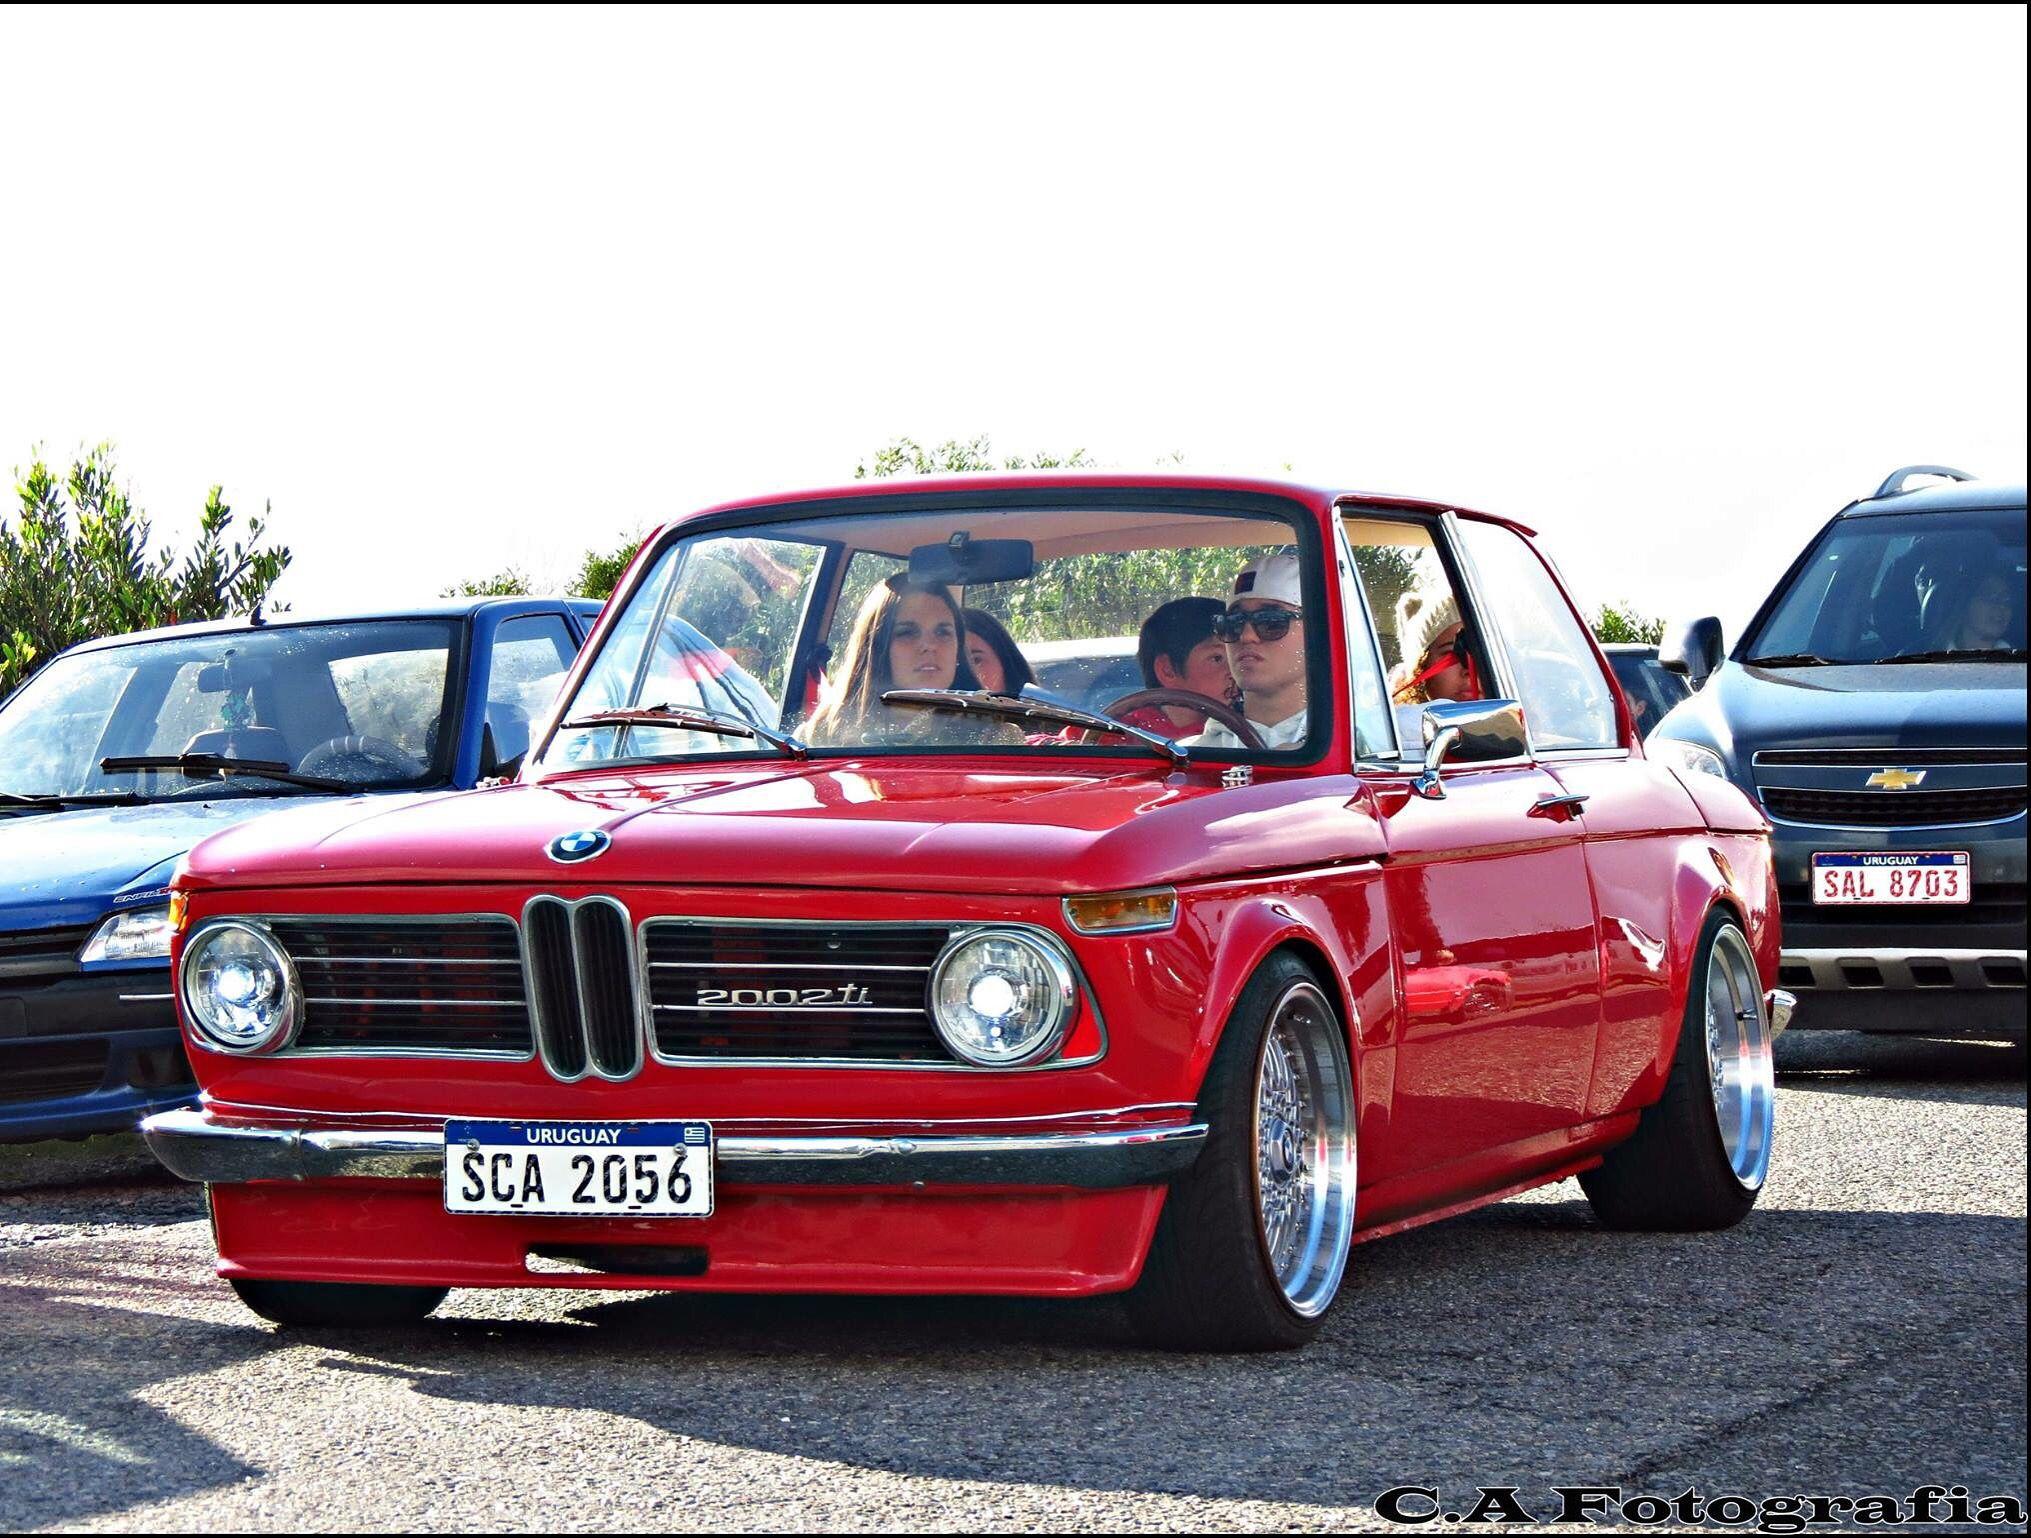 Bmw 2002ti, 2002, Bmw, e10 | Bmw 2002ti | Pinterest | BMW and Jdm